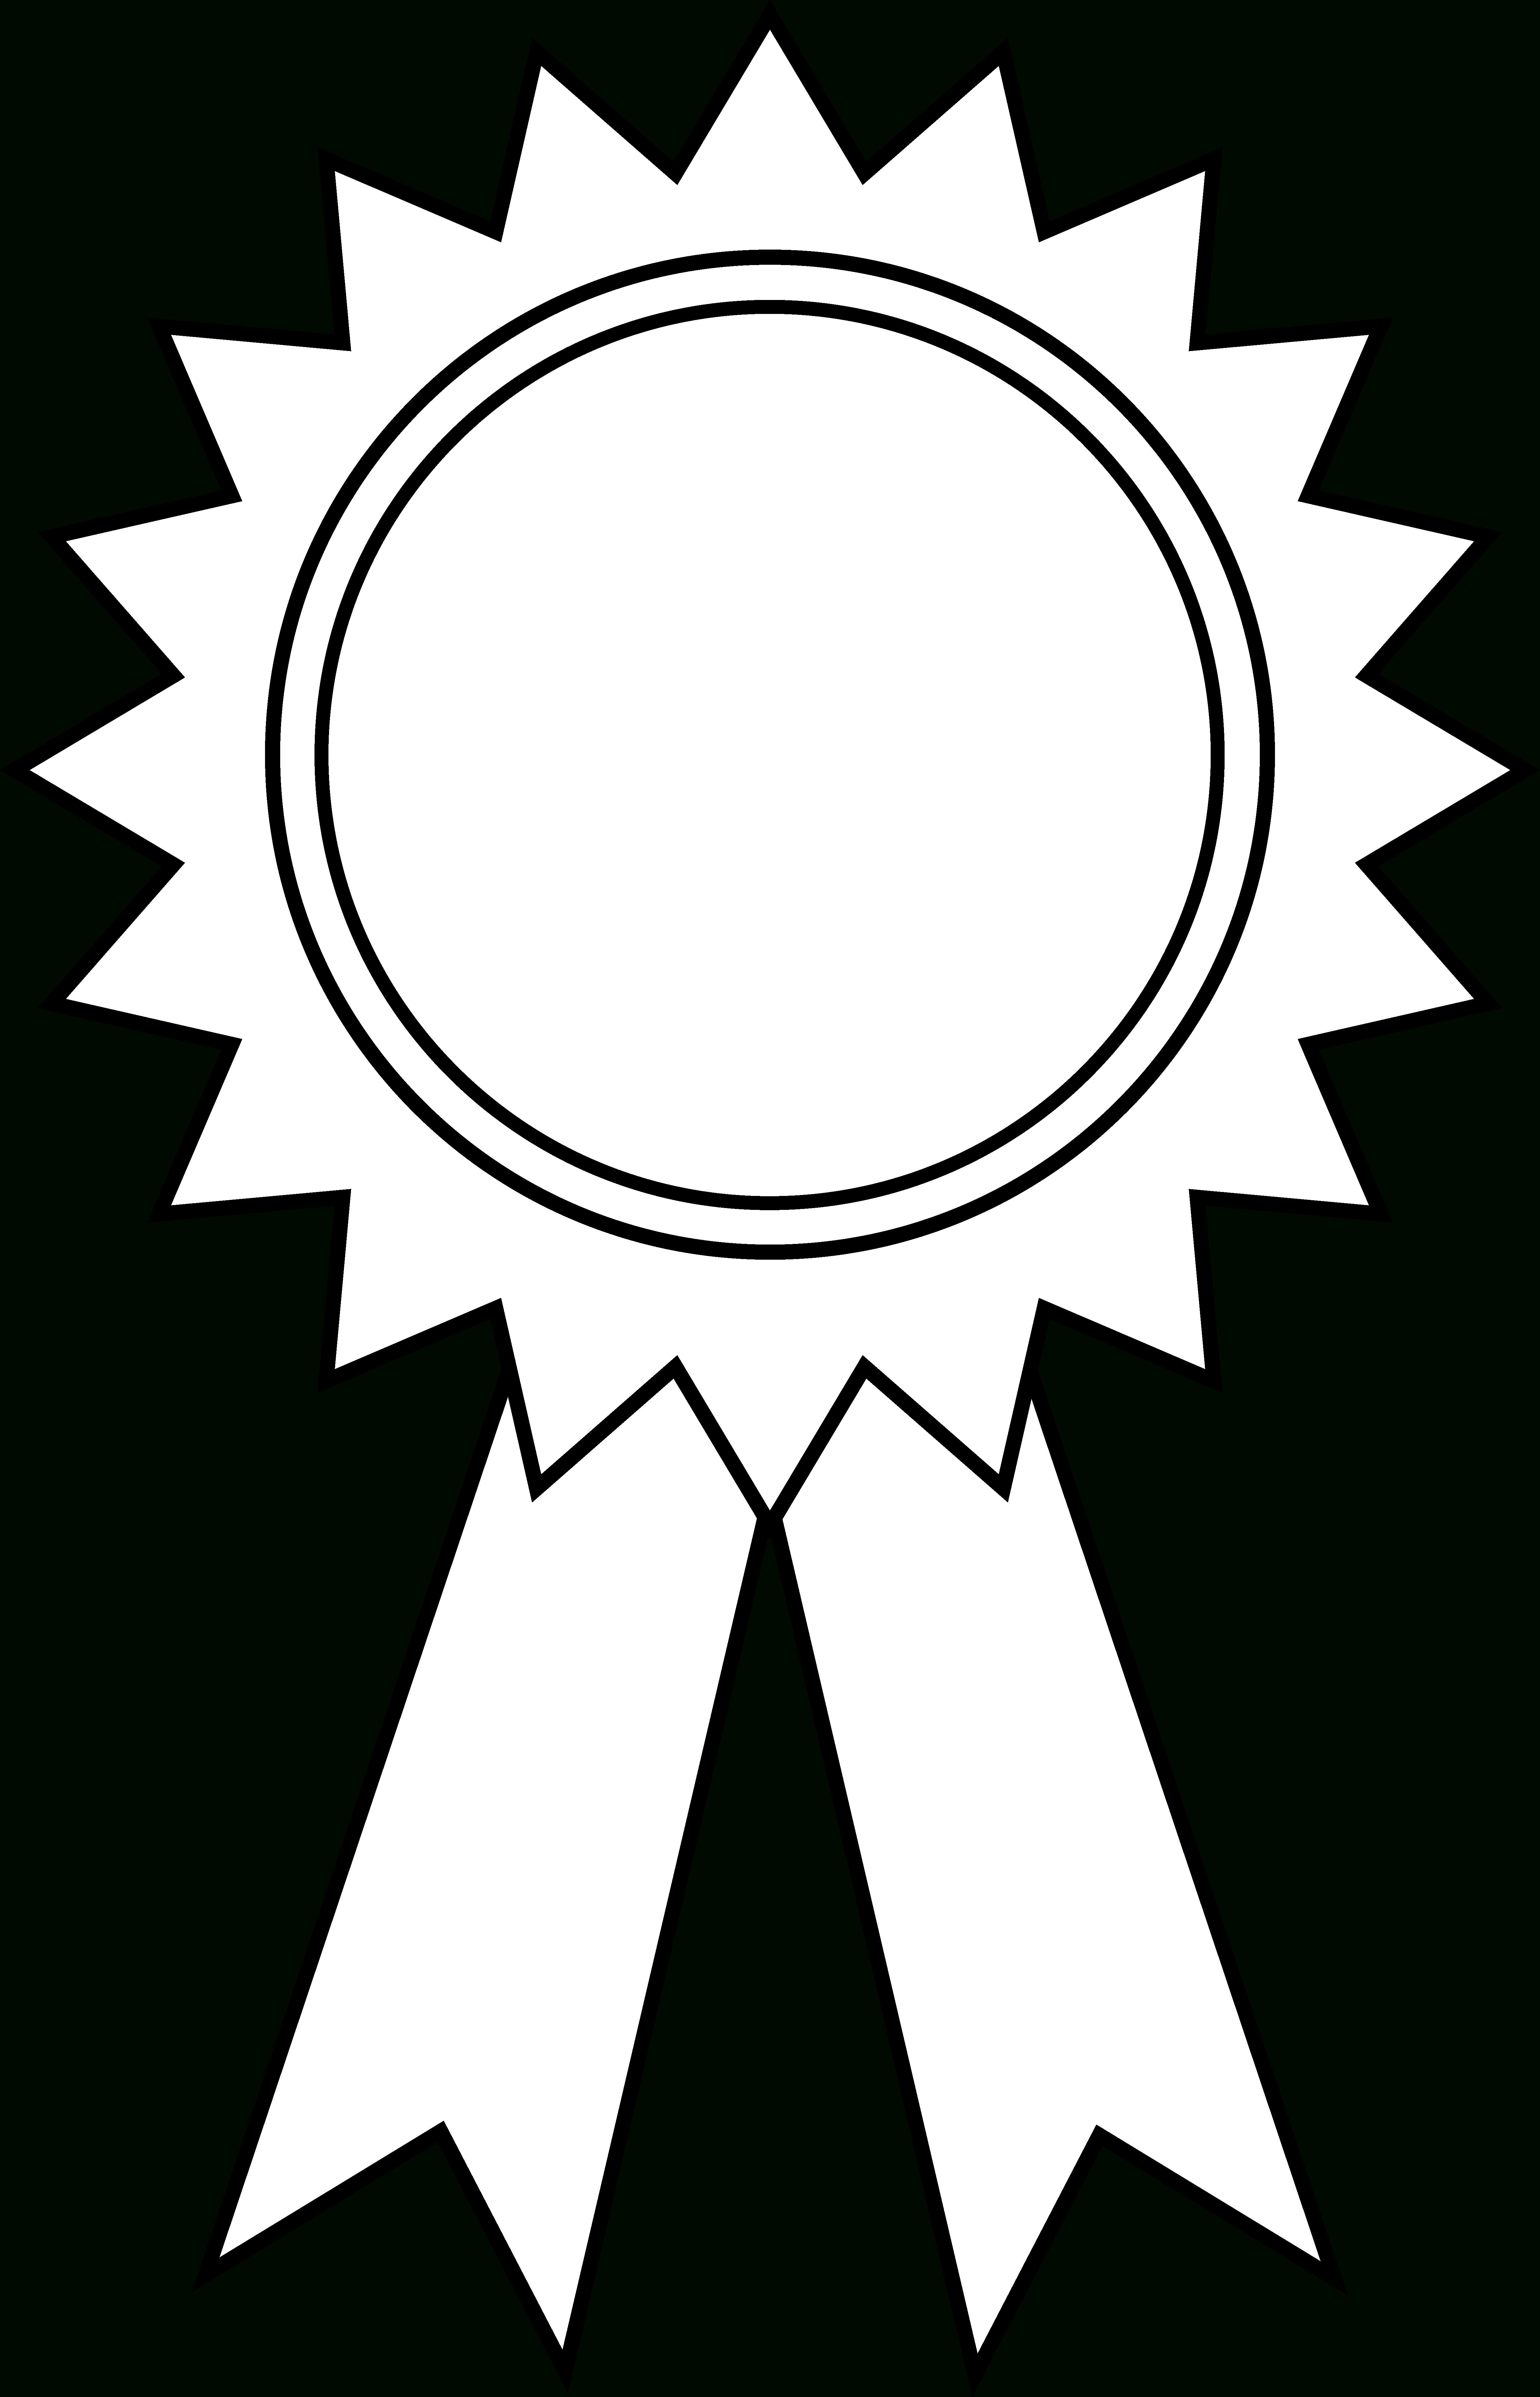 Award Ribbon Printable   Clipart Panda - Free Clipart Images - Free Printable Ribbons